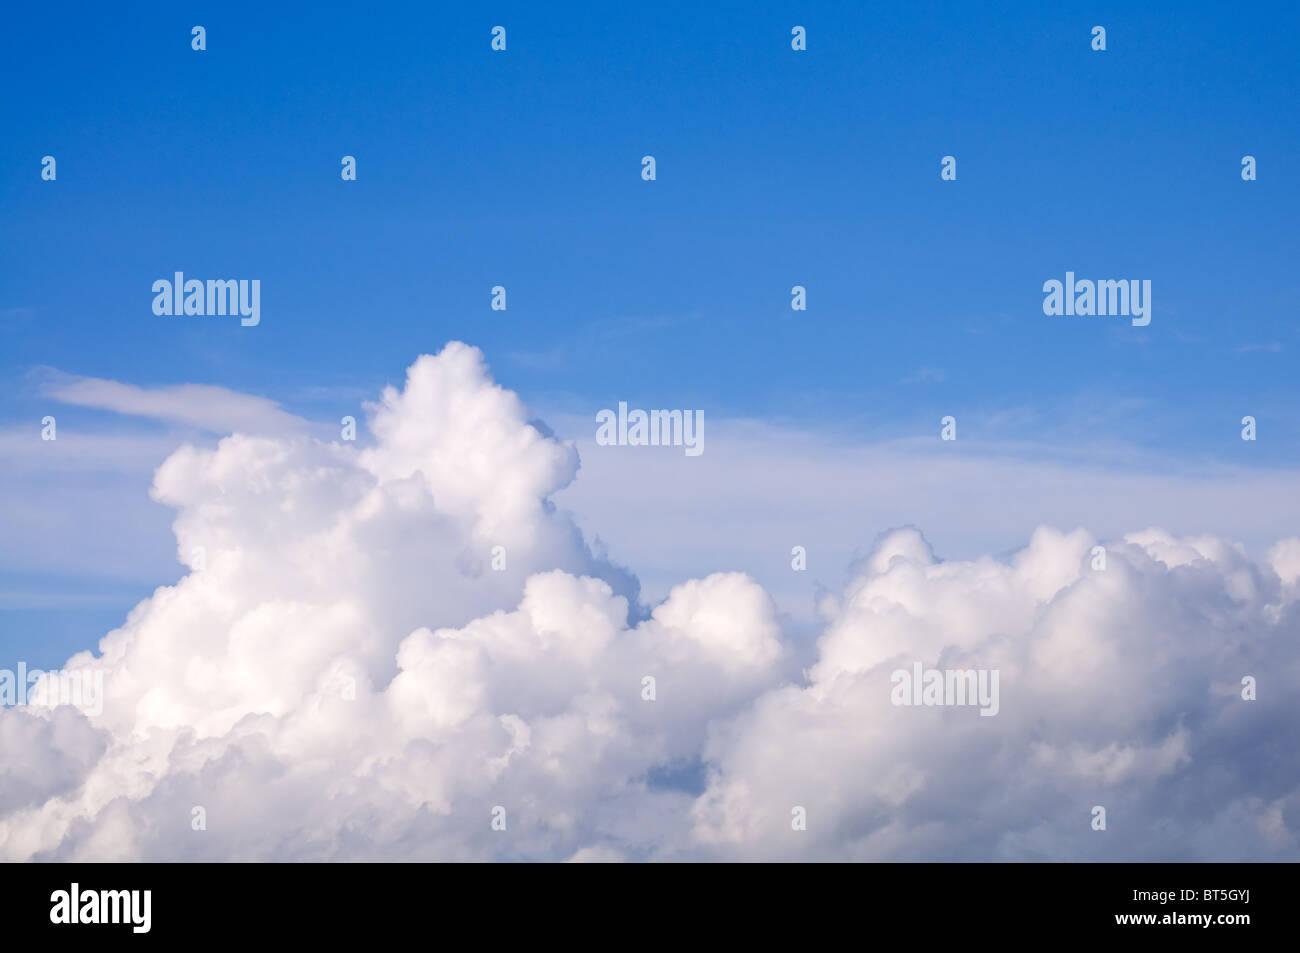 Bella nuvole contro il cielo blu Immagini Stock